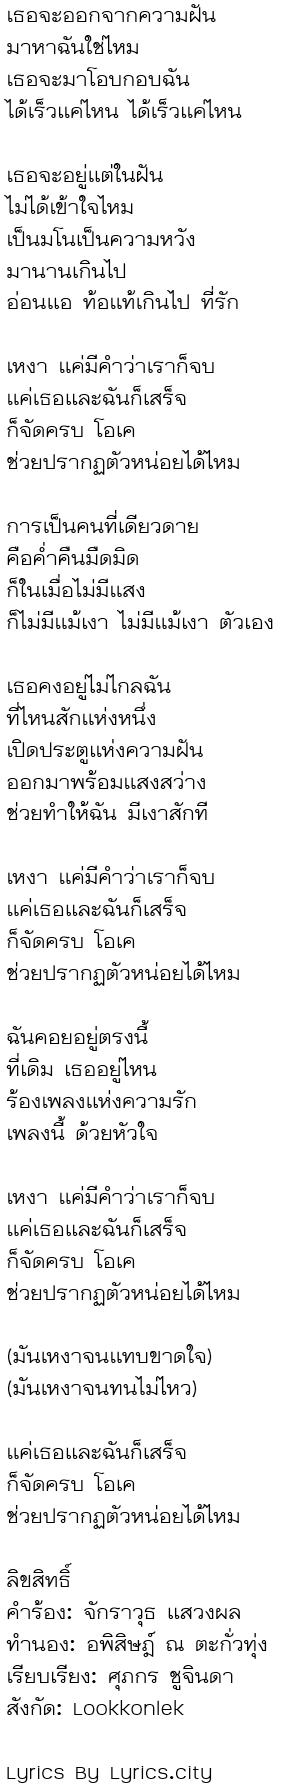 เนื้อเพลง ปรากฏตัว - ทรงไทย